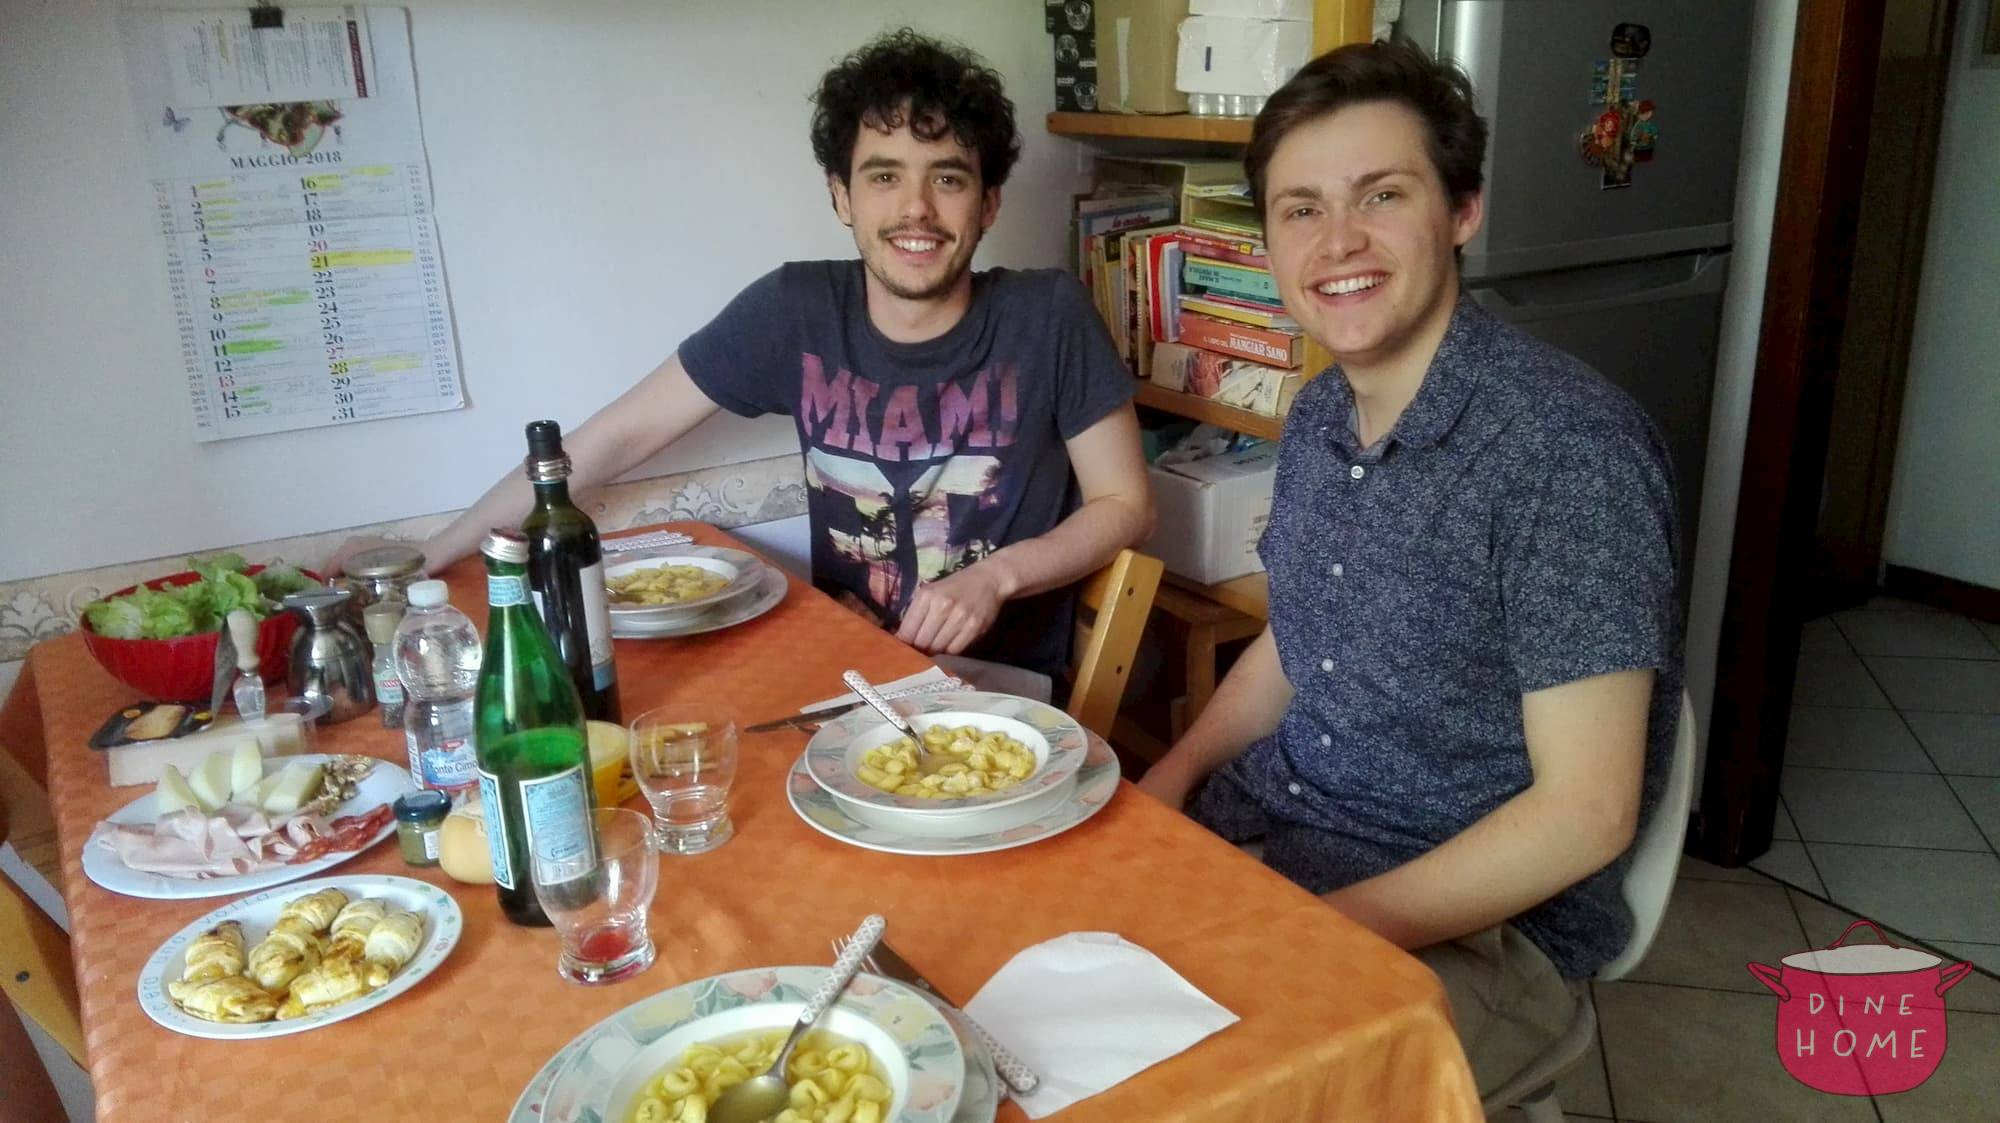 Simon, studente statunitense, a cena dalla sua famiglia Dinehome.